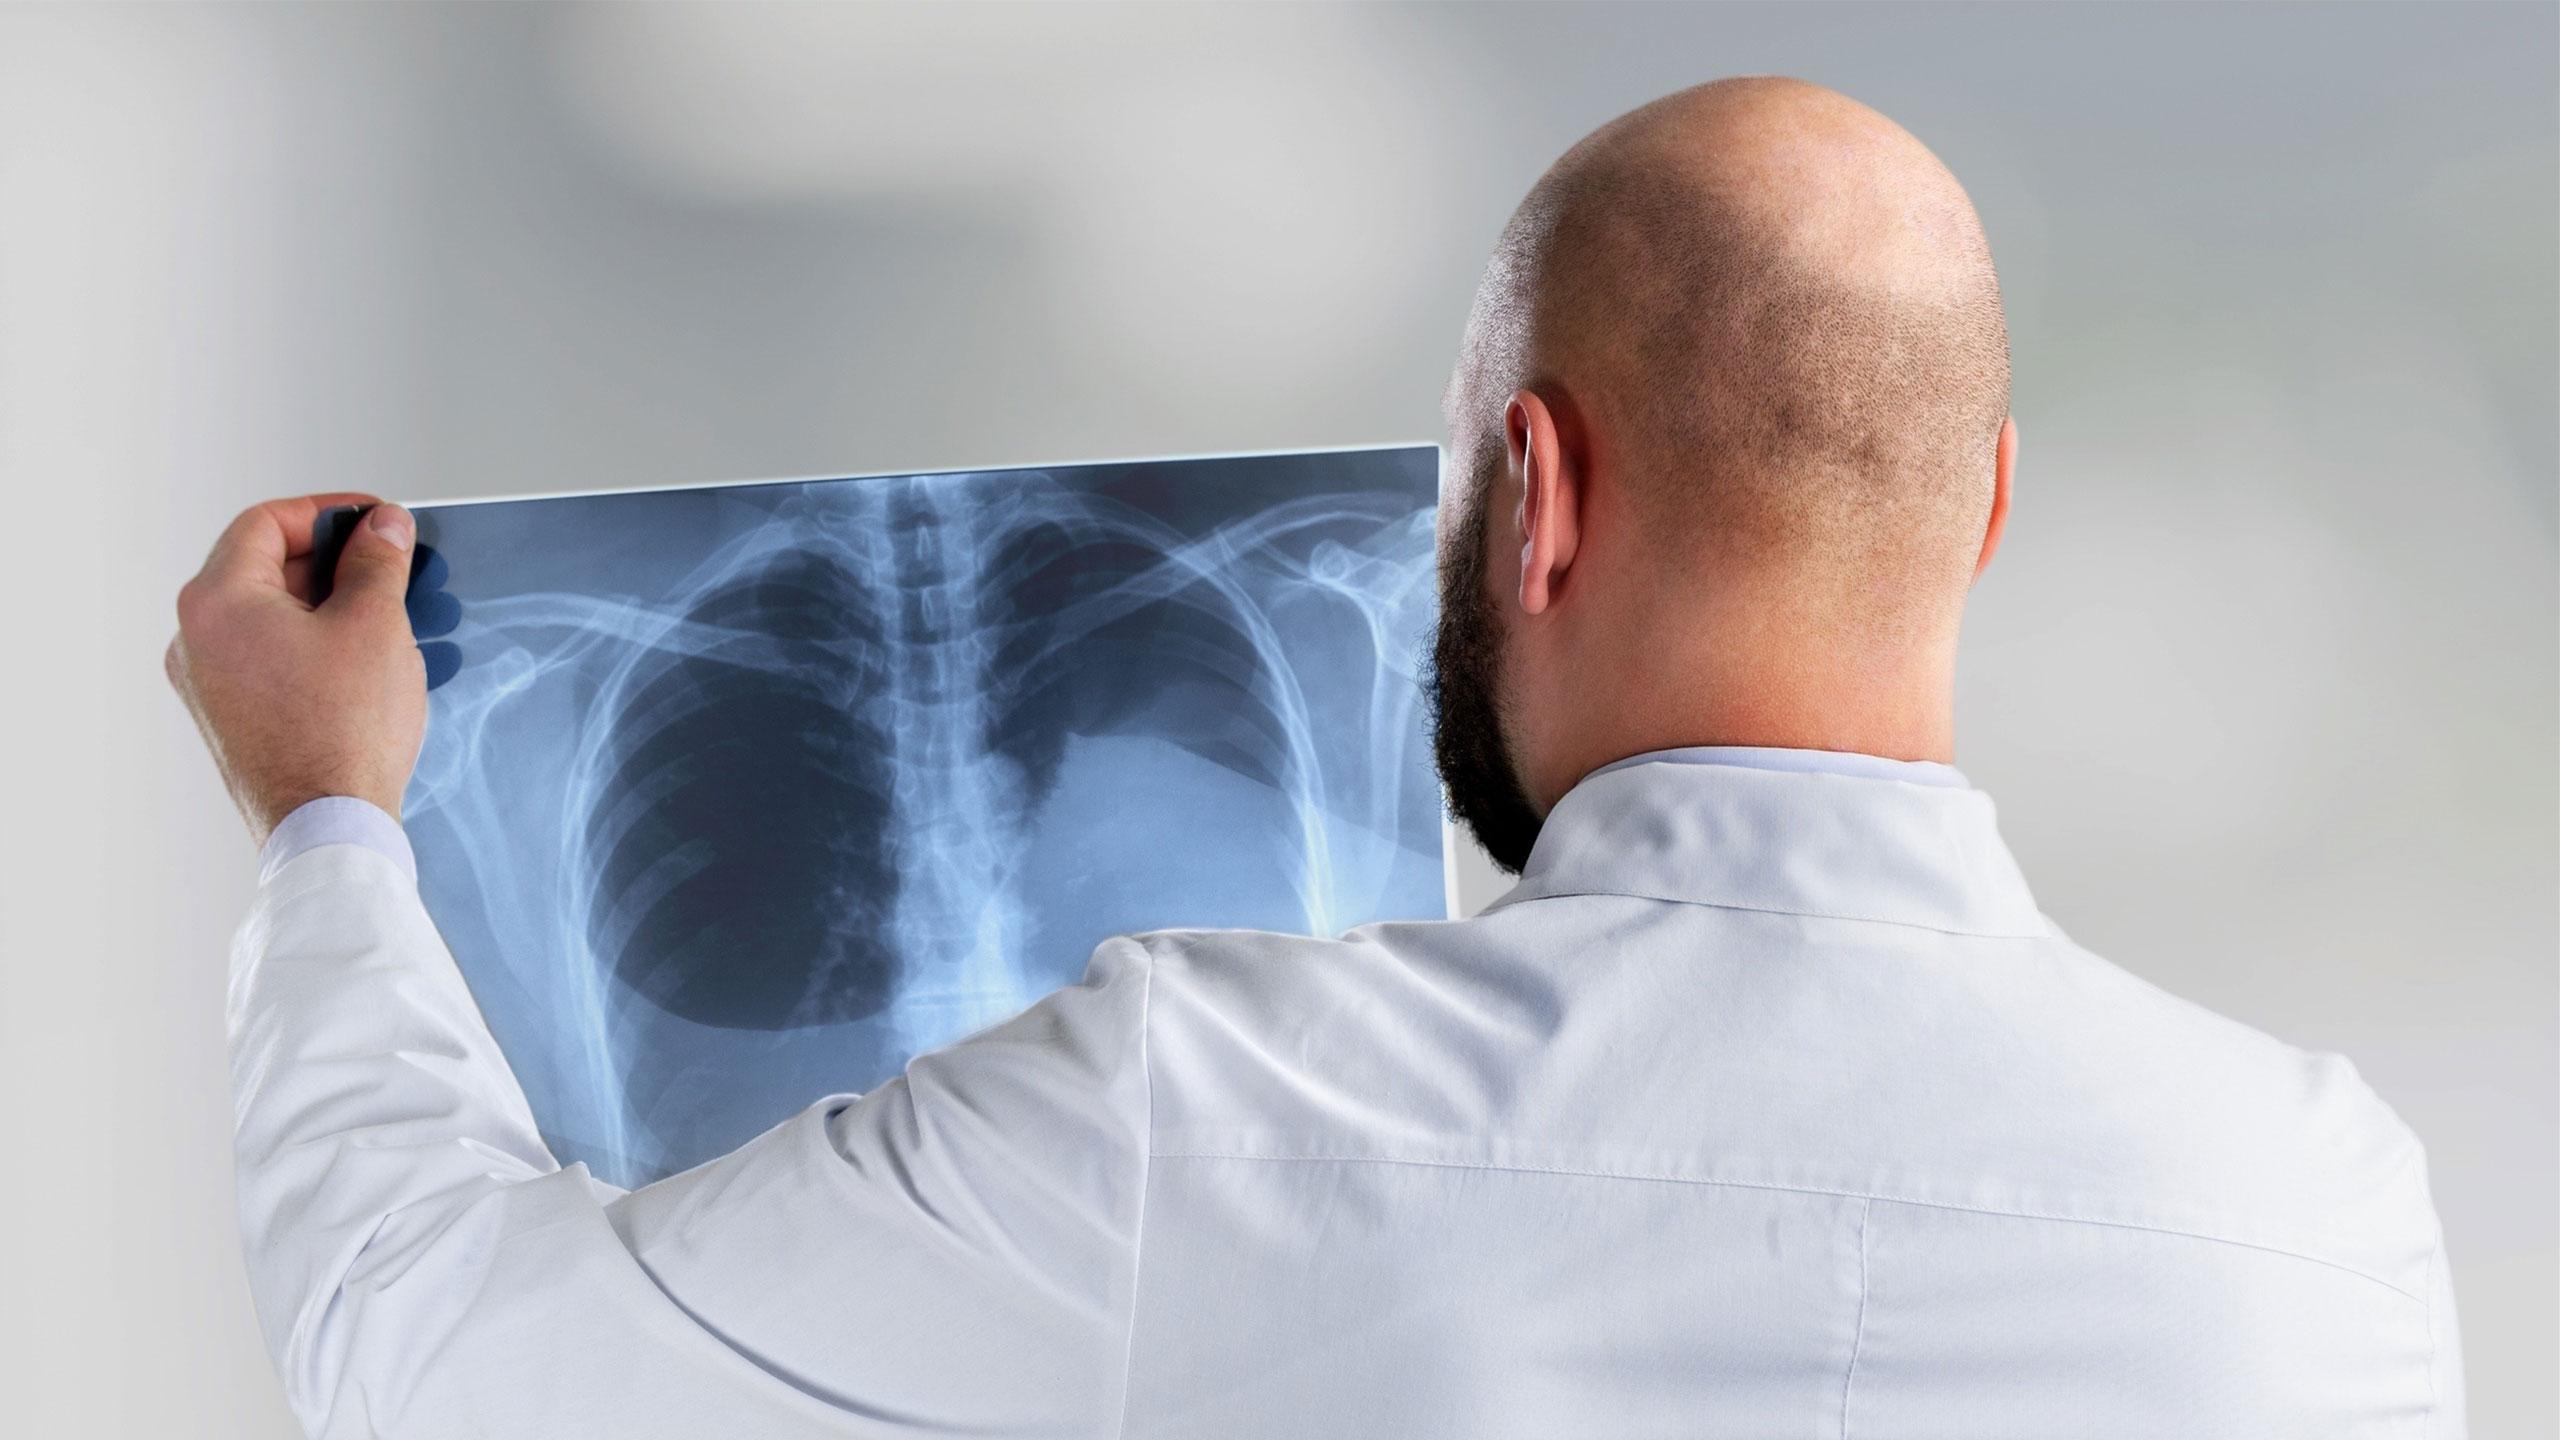 Radiology X-Ray